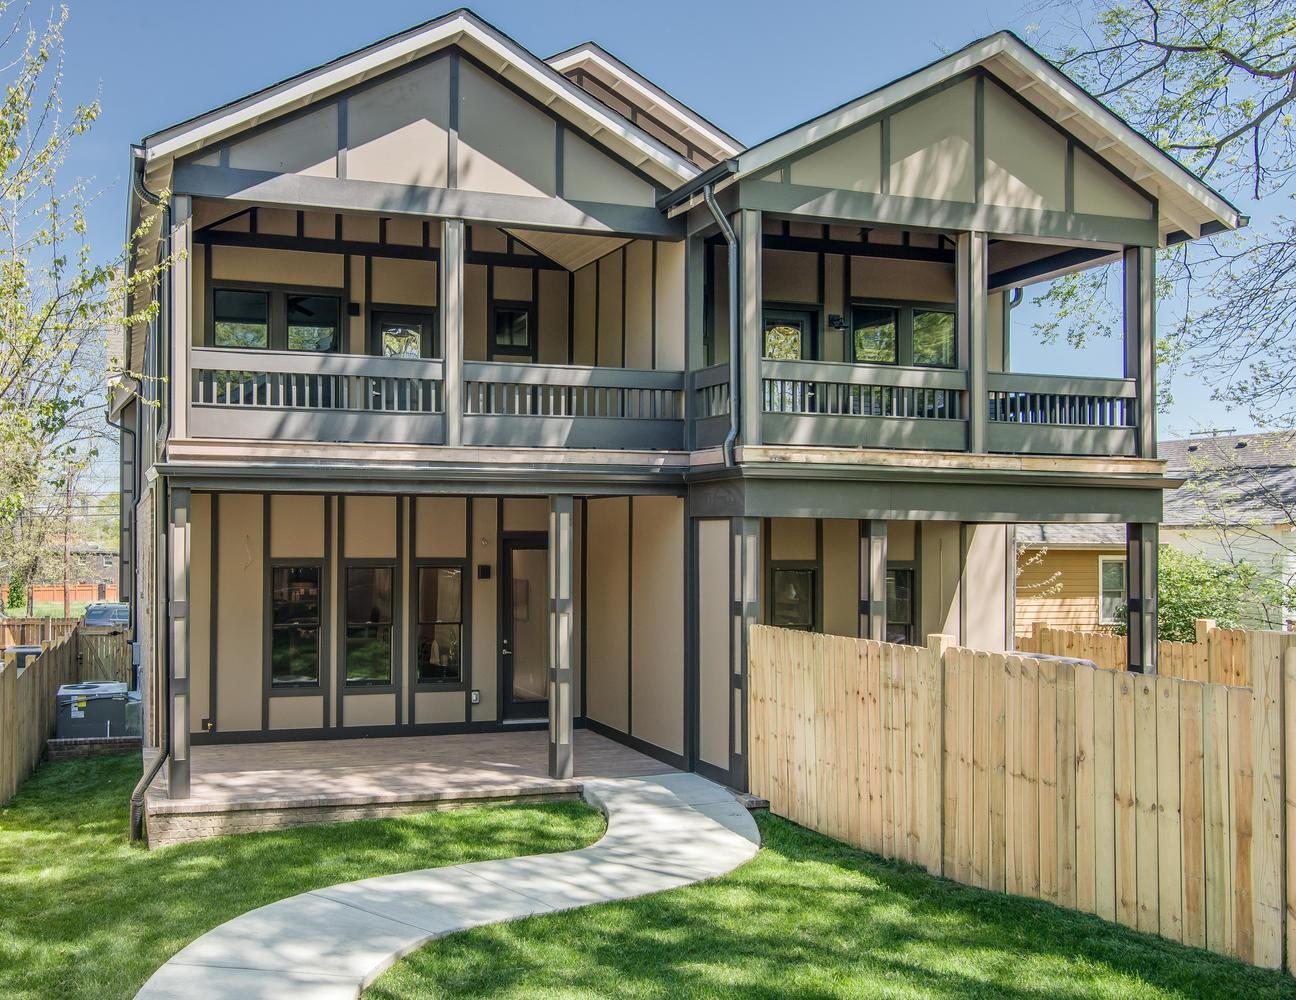 House-Plans-Online-Duplex-Nashville-Peggy-Newman-Deck-Patio-1613.jpg